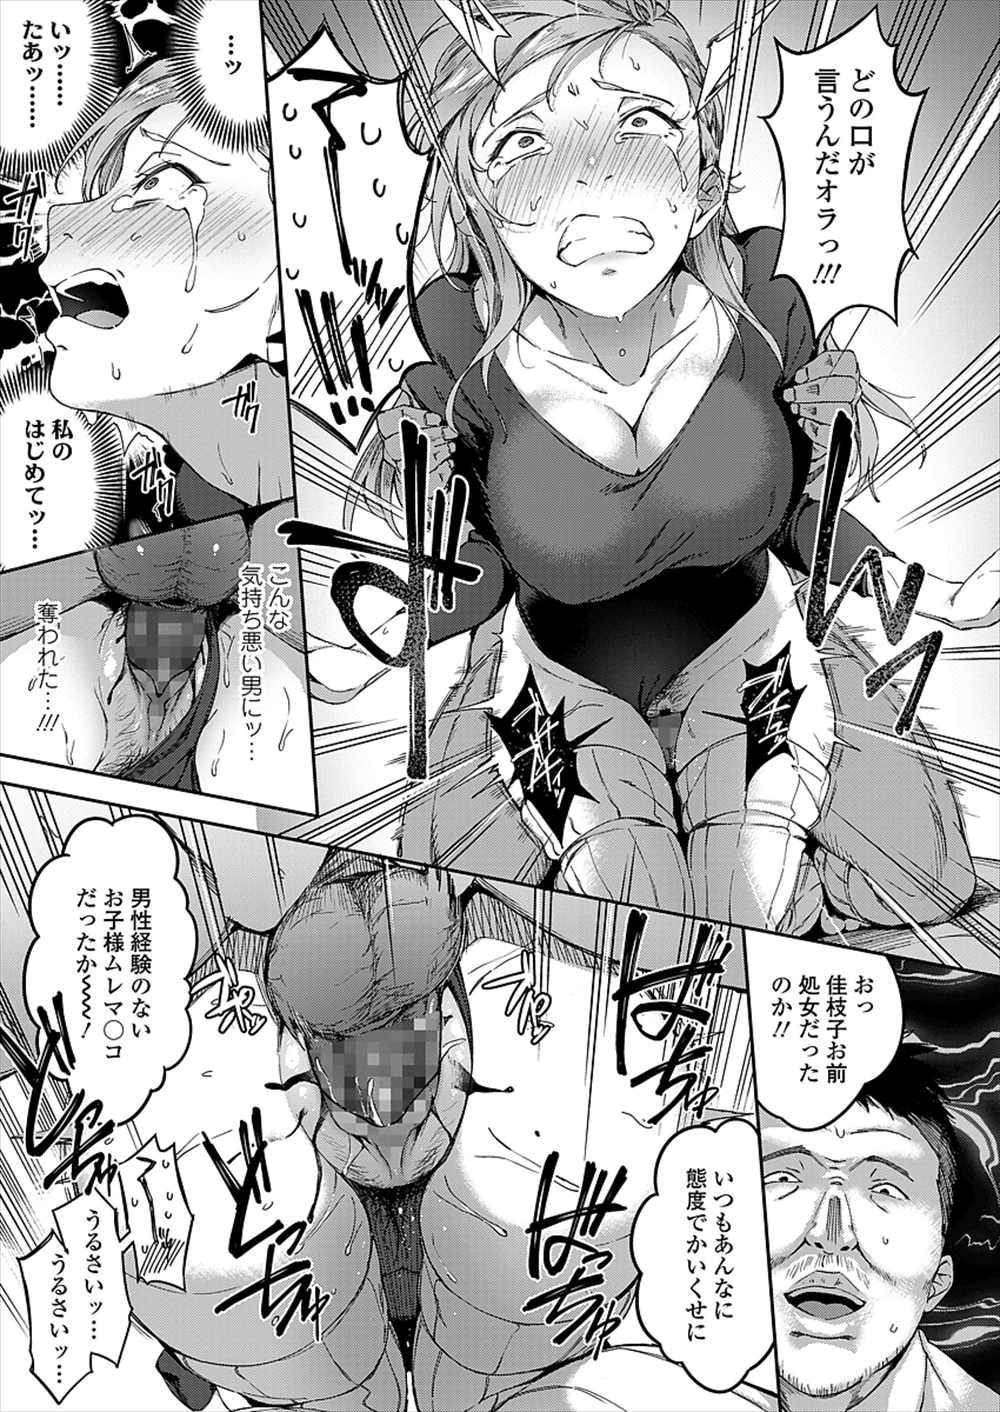 【エロ漫画】イジメをしたいたJKが先生に脅迫され…イラマチオに処女喪失レイプされ肉便器になっちゃうww【sugarBt:淫我応報】